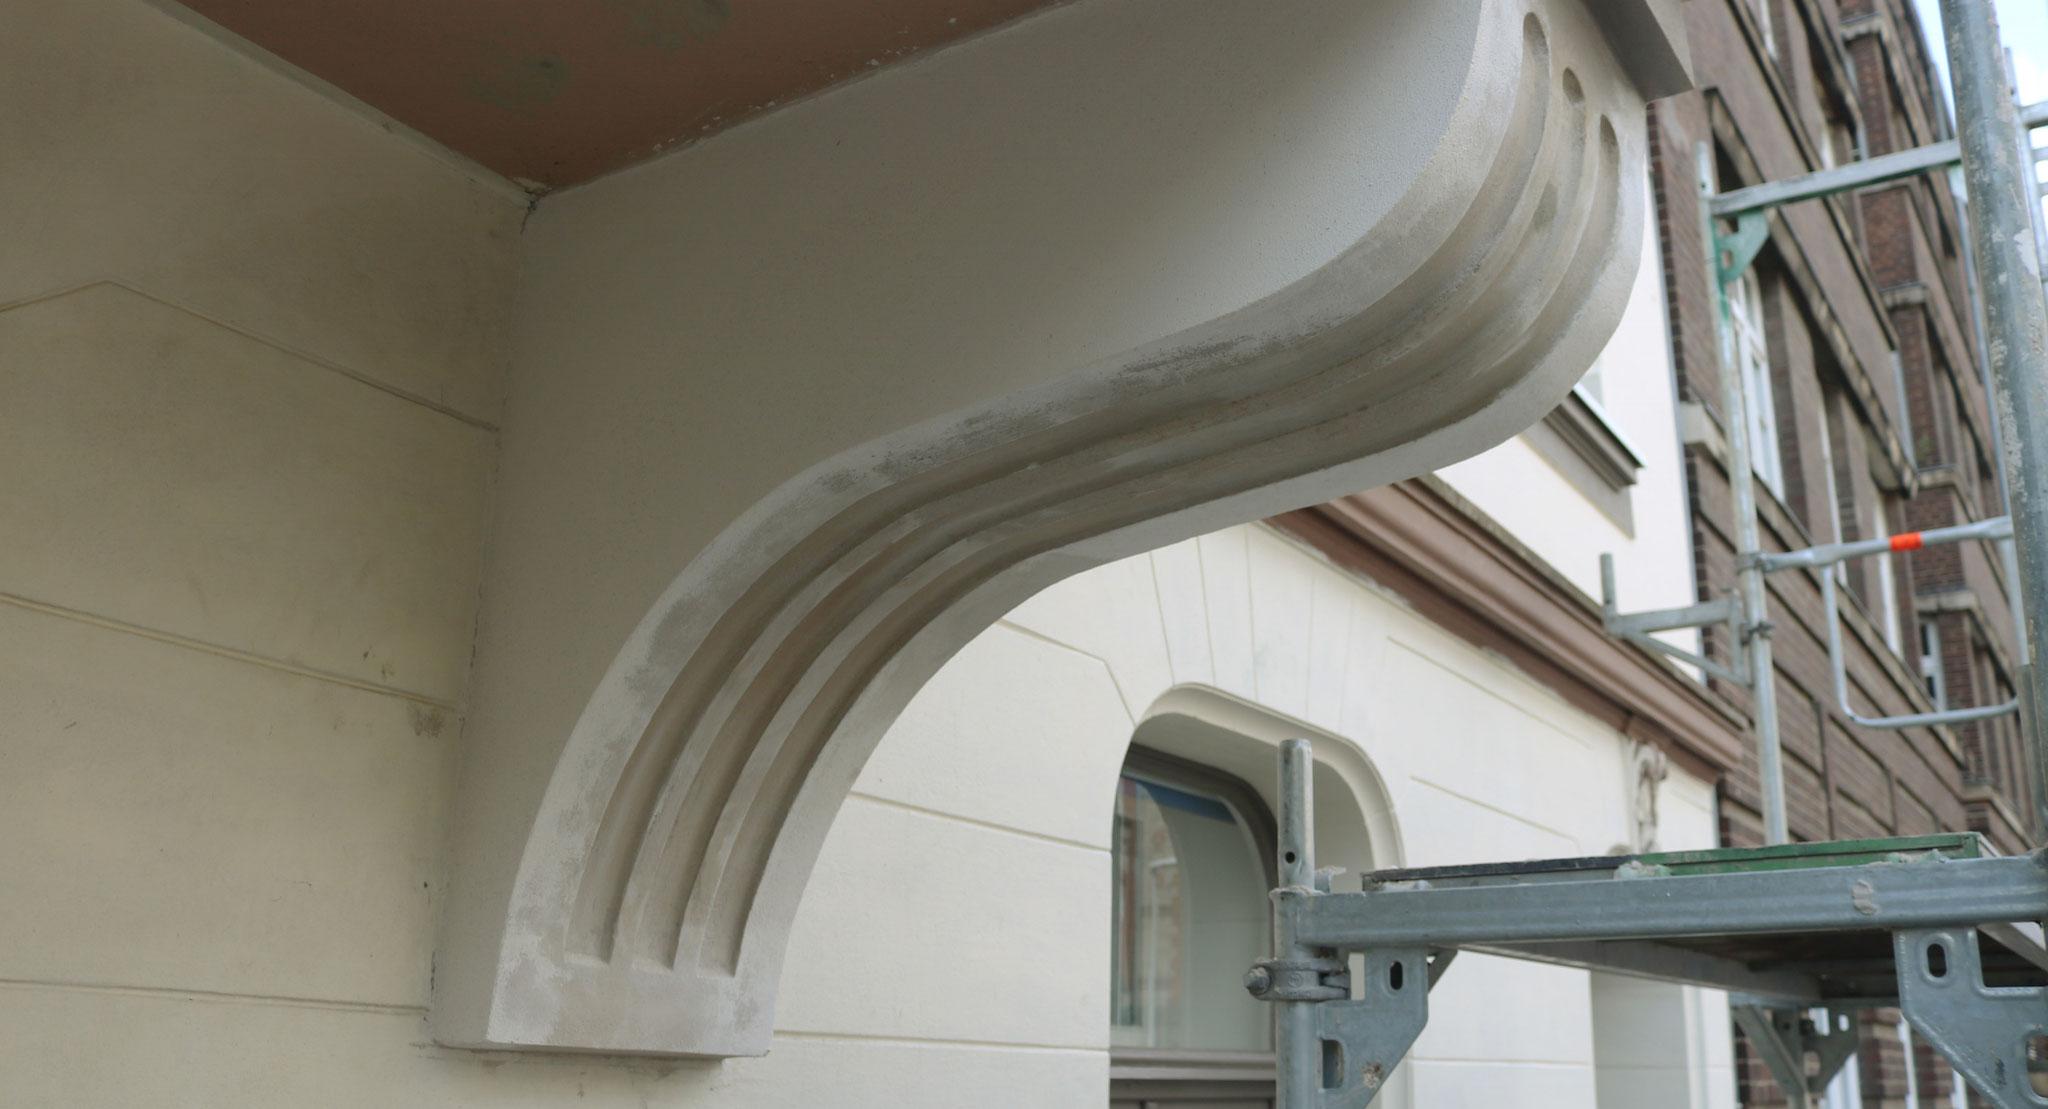 Rekonstruktion einer Erkerkonsole in Romanzementmörtel auf Putzträgerkonstruktion